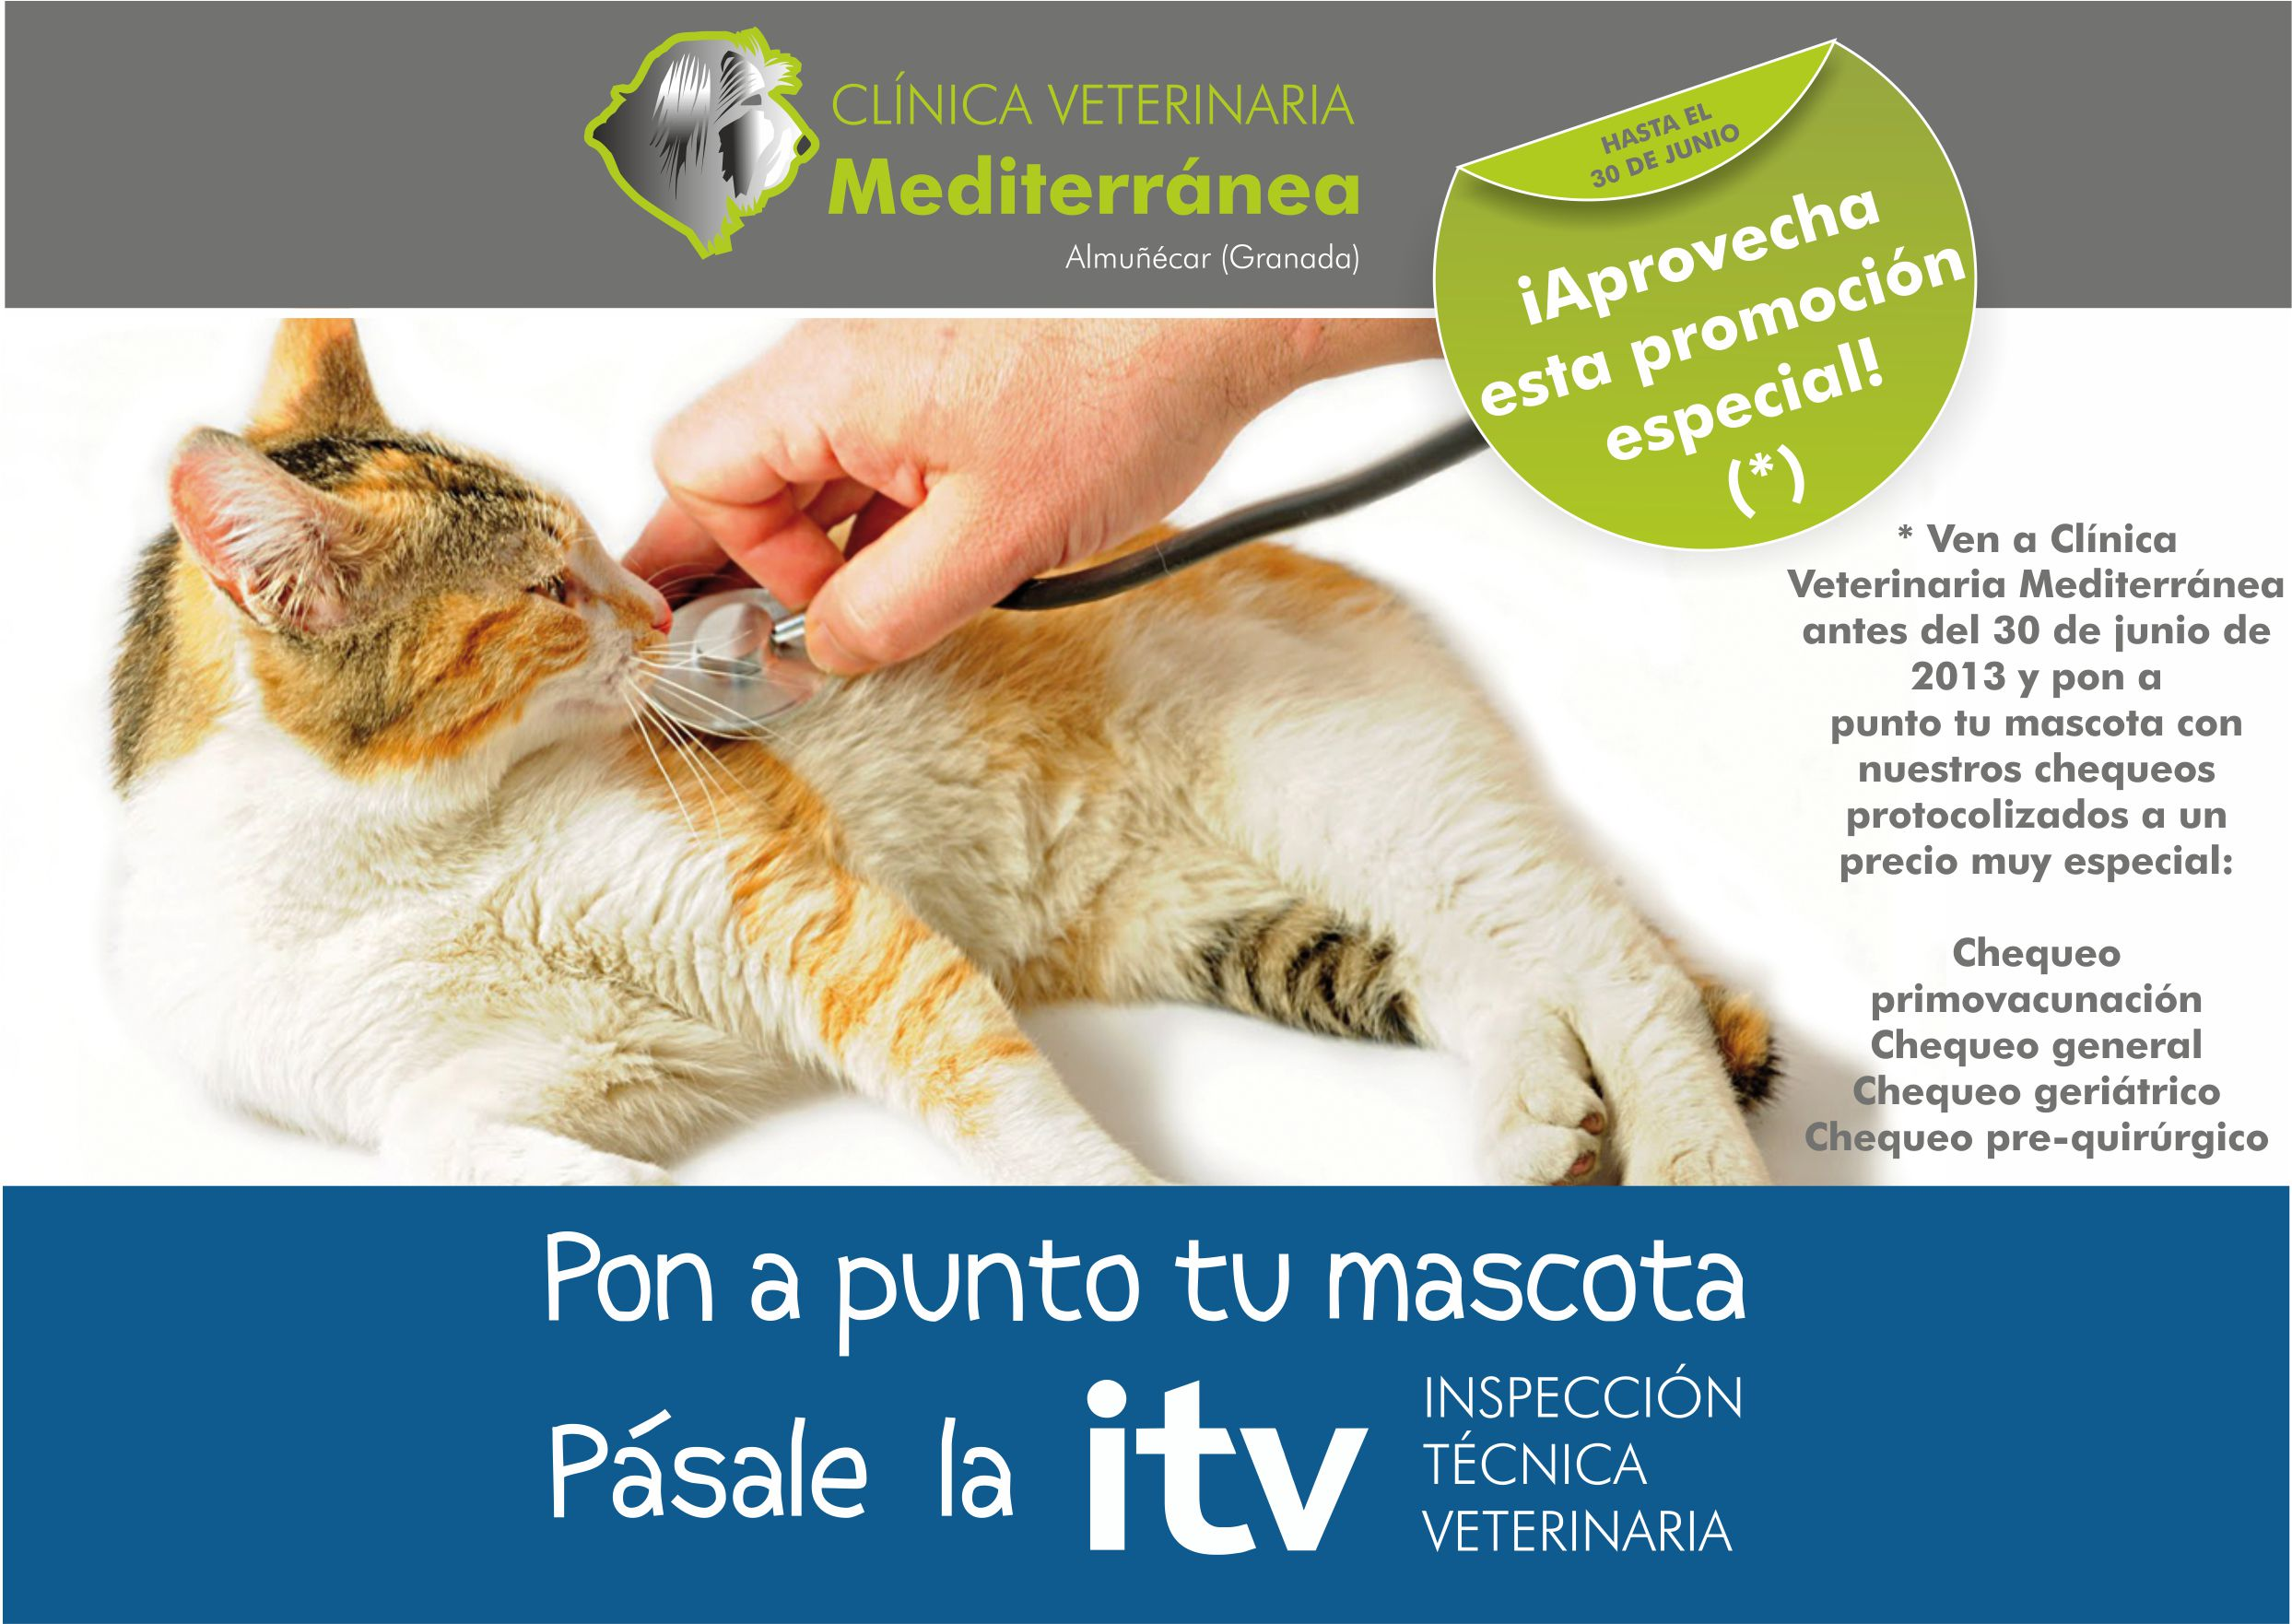 Pásale la ITV a tu mascota